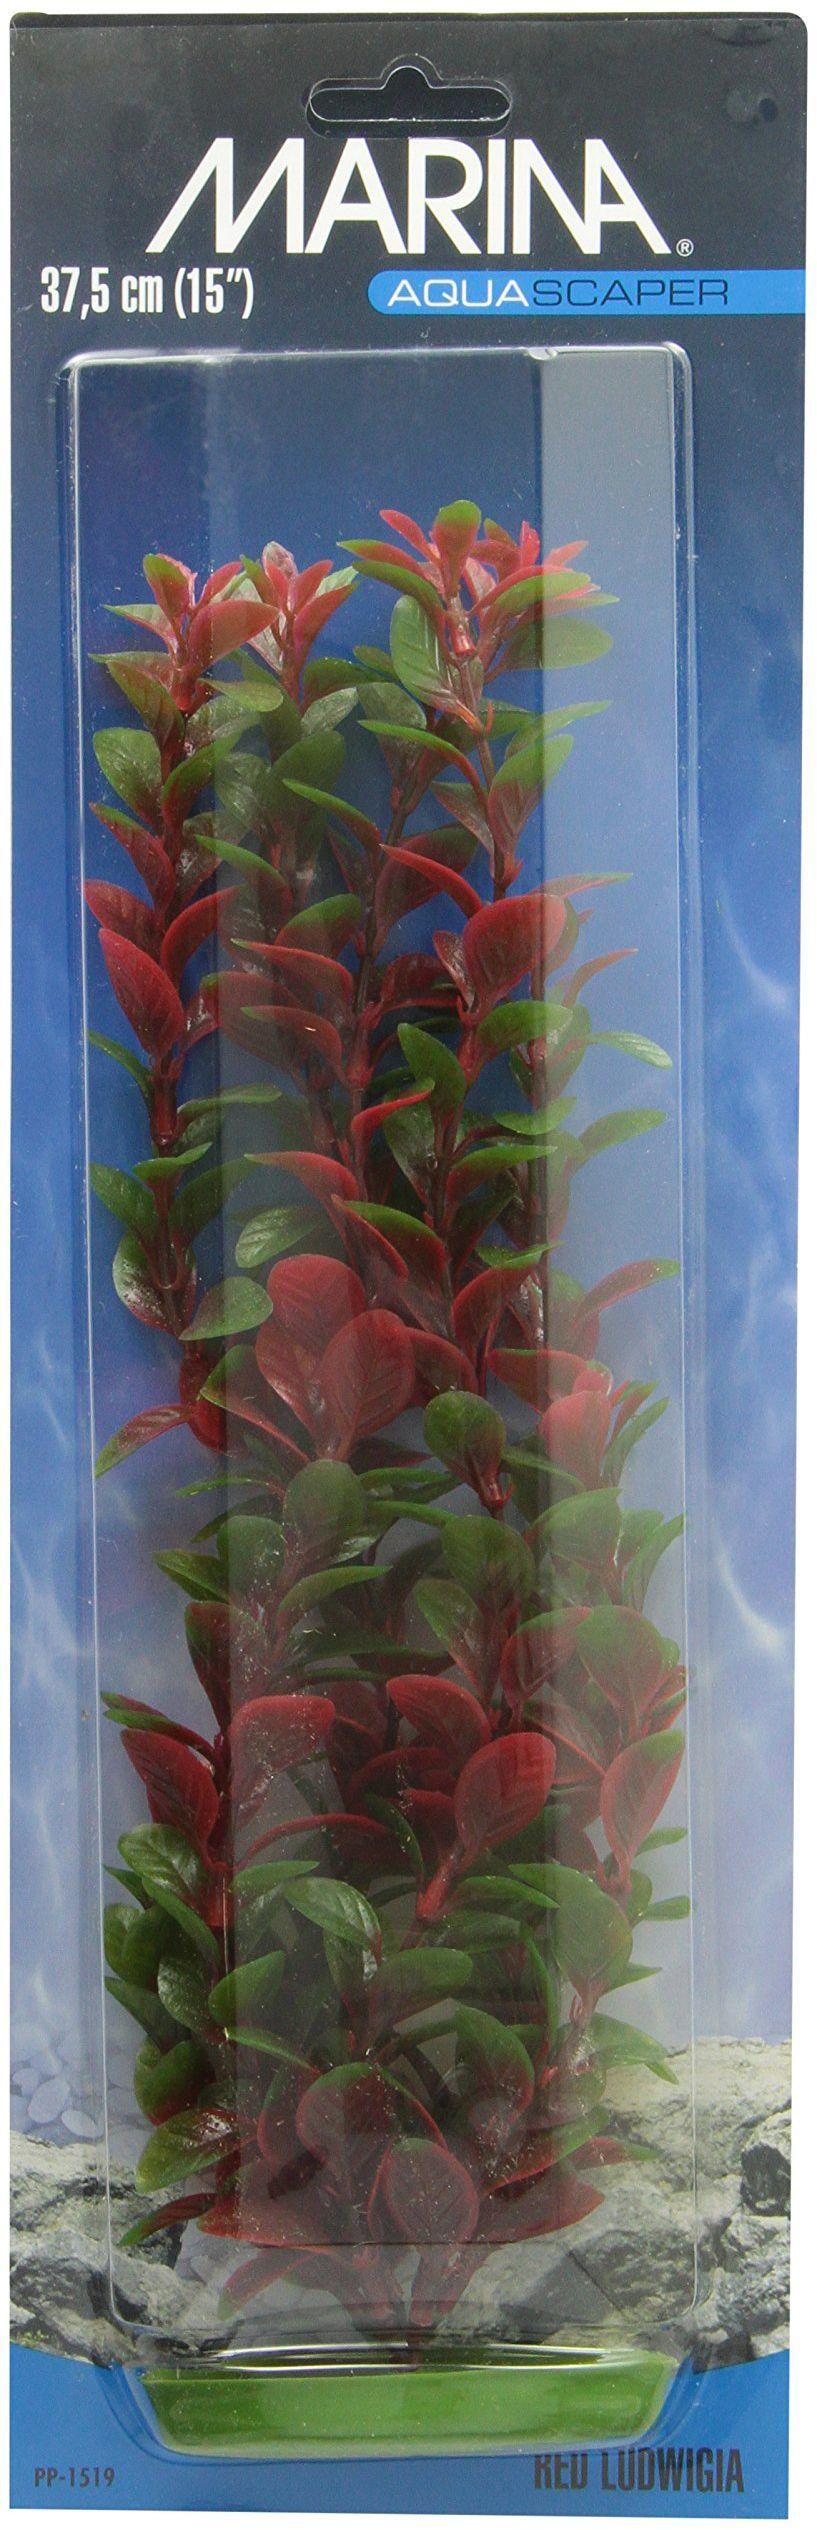 Marina Plastikowa roślina do akwarium Lugwigia, 37,5 cm, czerwona